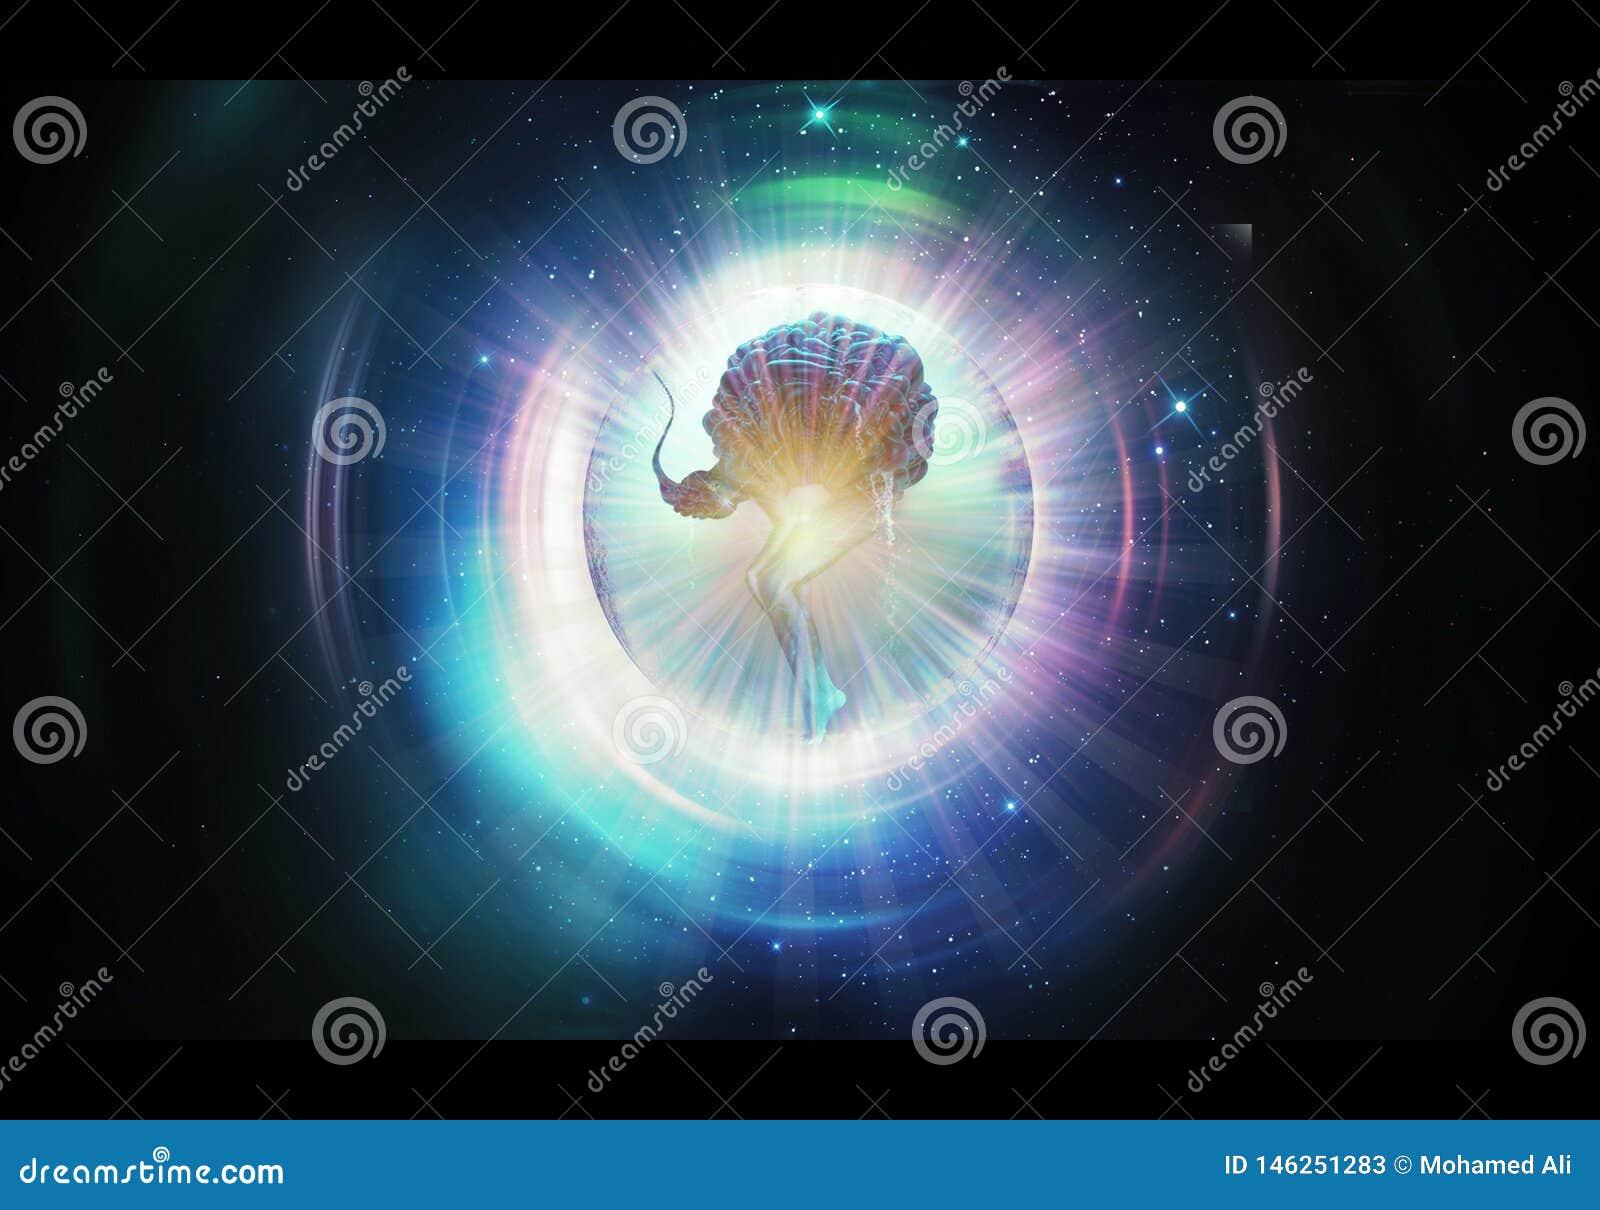 Ilustração artística abstrata da rendição 3d de uma meditação original da ioga em alguma outra dimensão